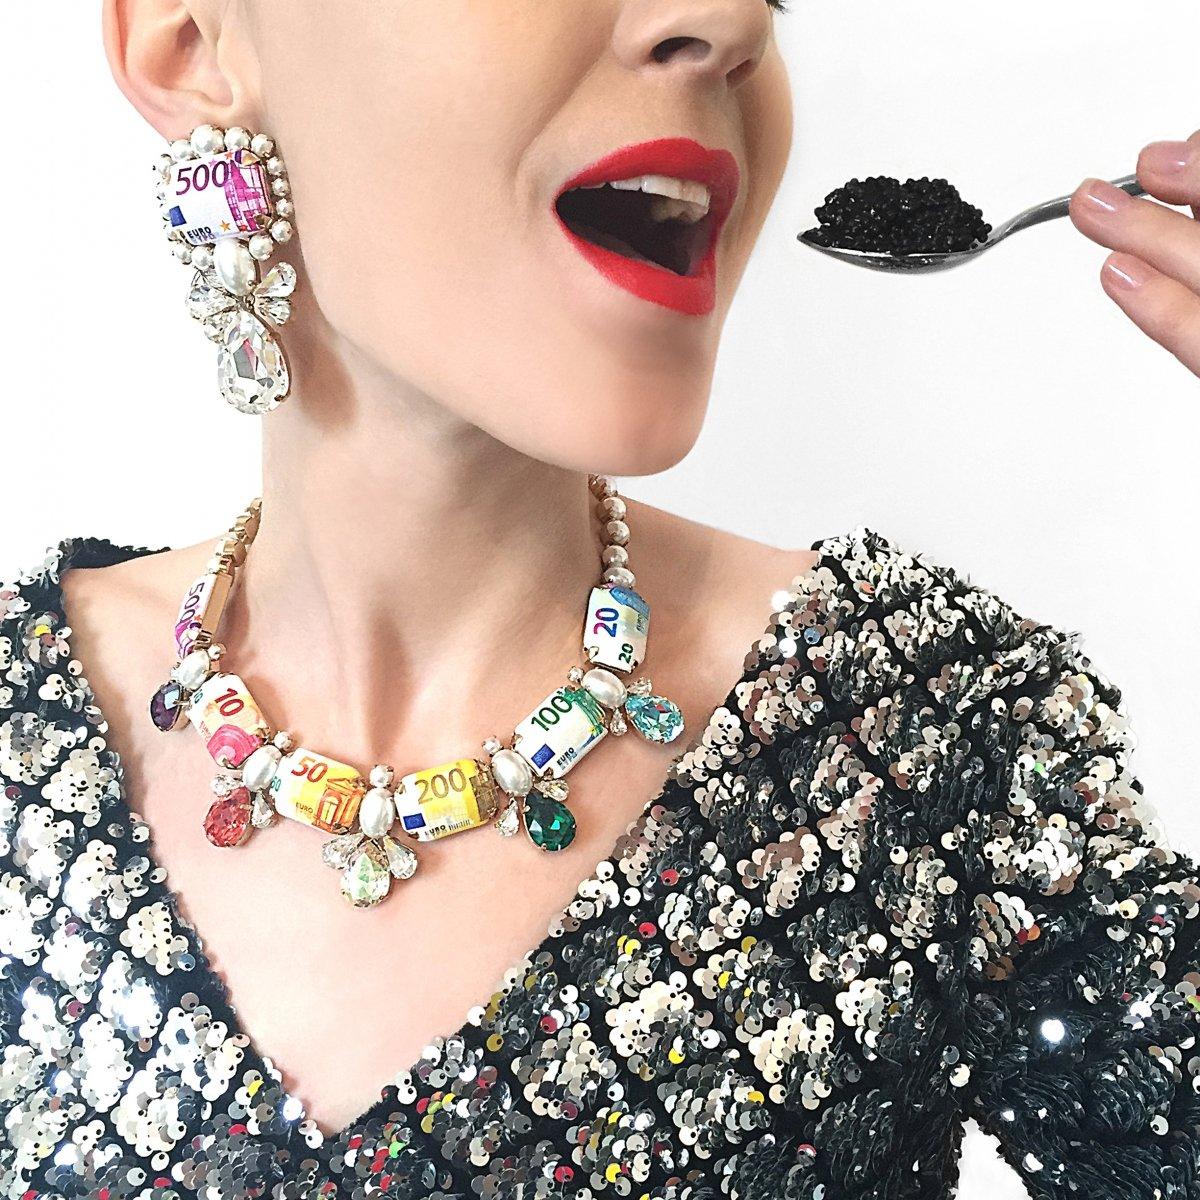 prix d'usine plutôt cool taille 7 EUROS Bijoux de Famille Paris – A Shaded View on Fashion